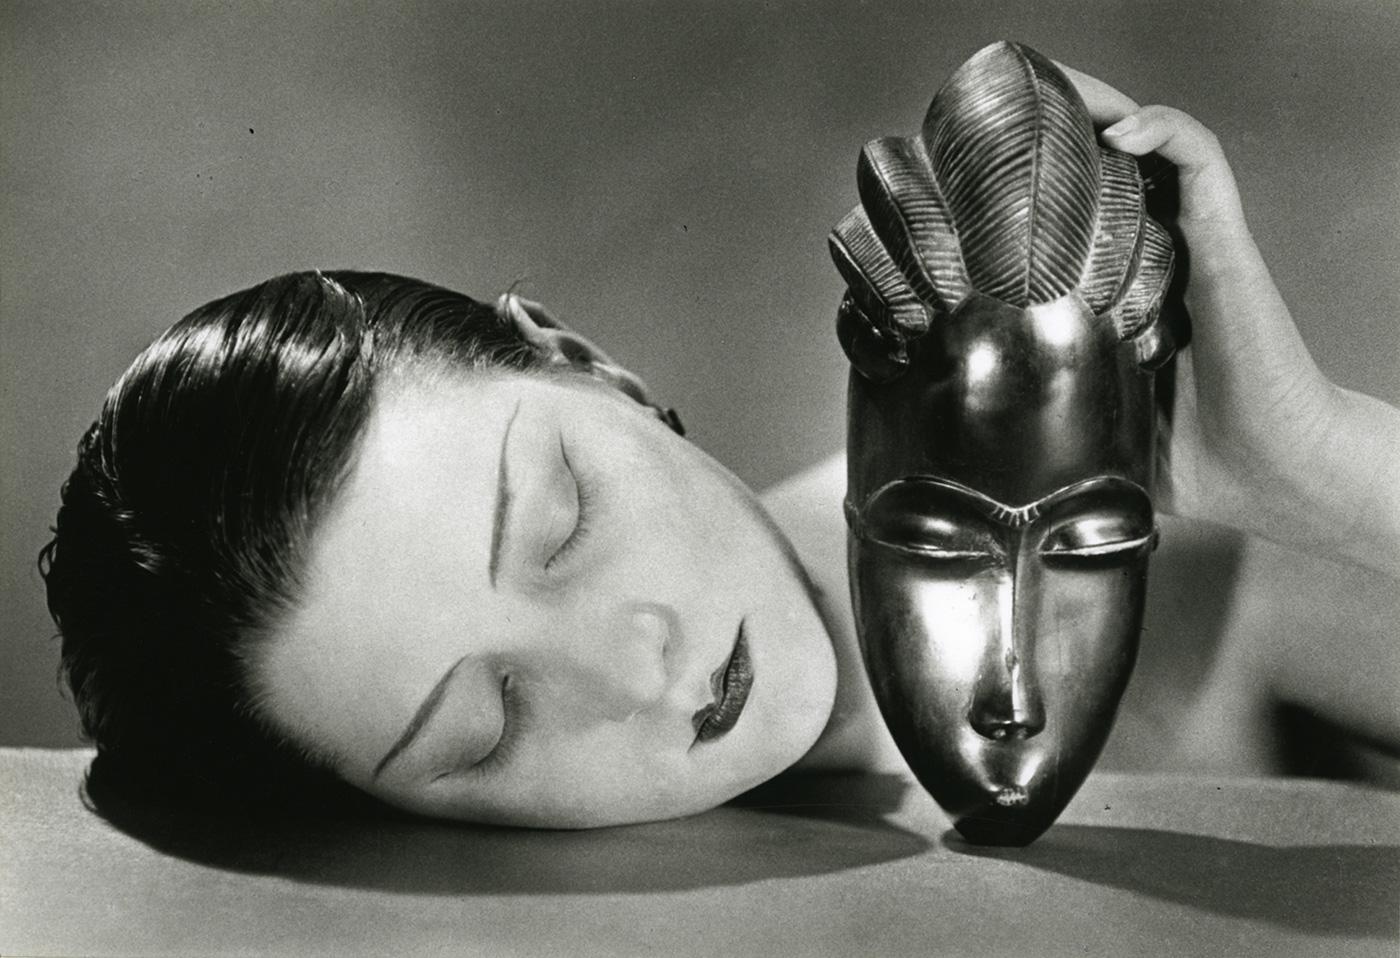 Städel - Lichtbilder - Man Ray, 1926